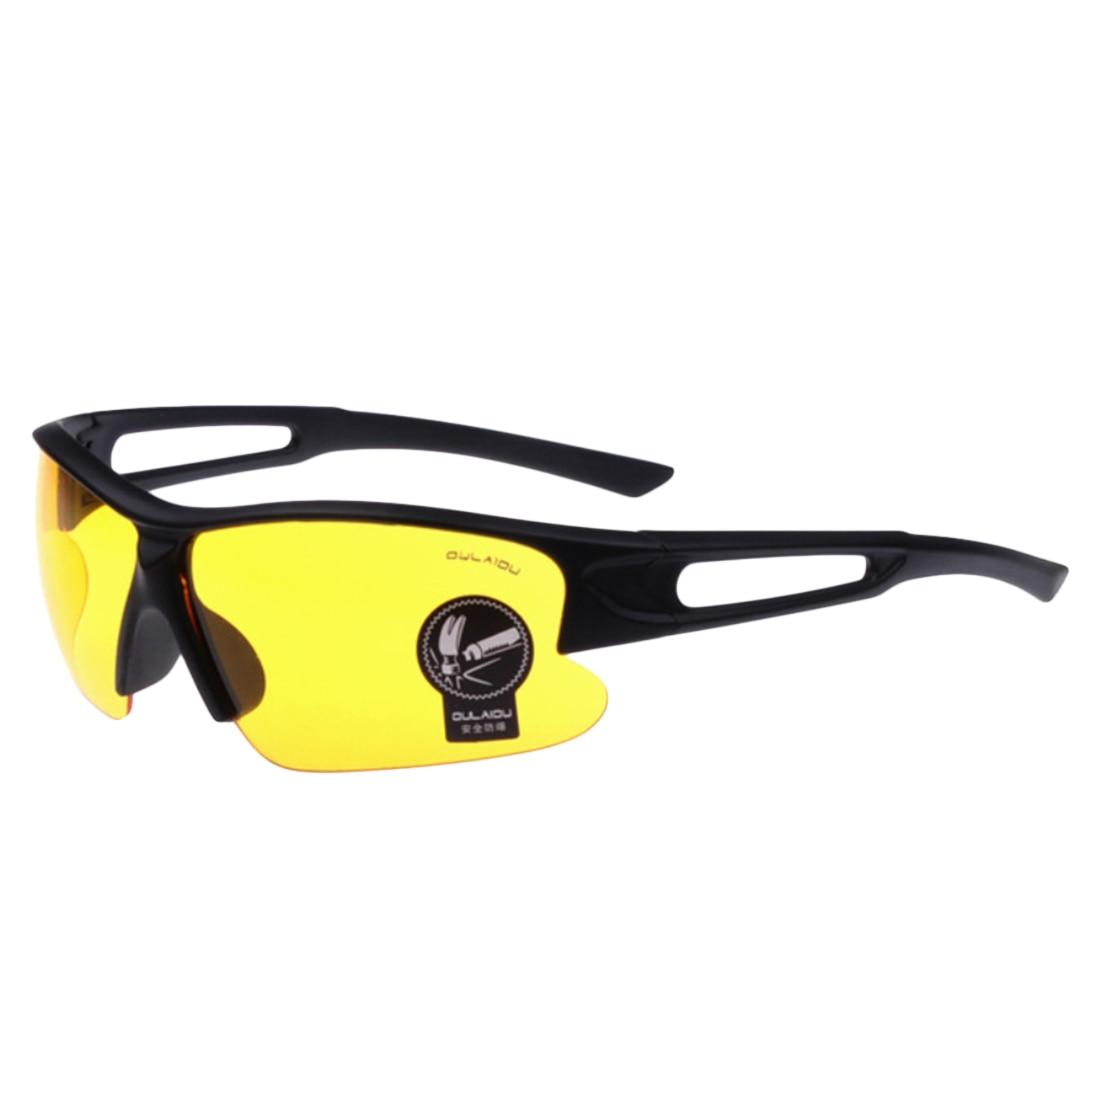 Ciclismo Óculos De Sol à prova de Explosão-Lente Óculos Polarizados Ao Ar  Livre Óculos de Bicicleta Andar de Bicicleta Eyewear Óculos c1637ffc1e